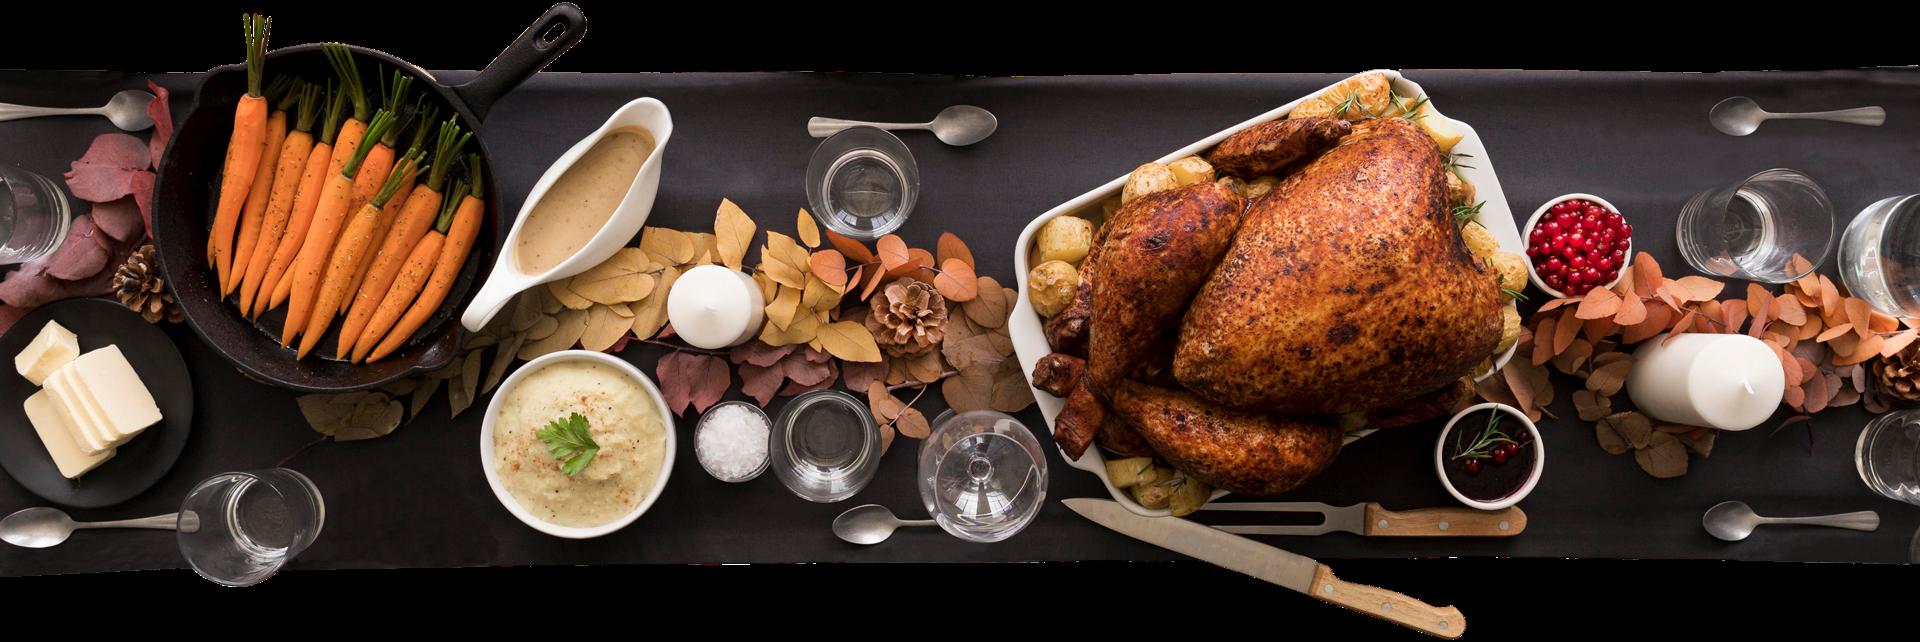 Thanksgiving Dinner Set